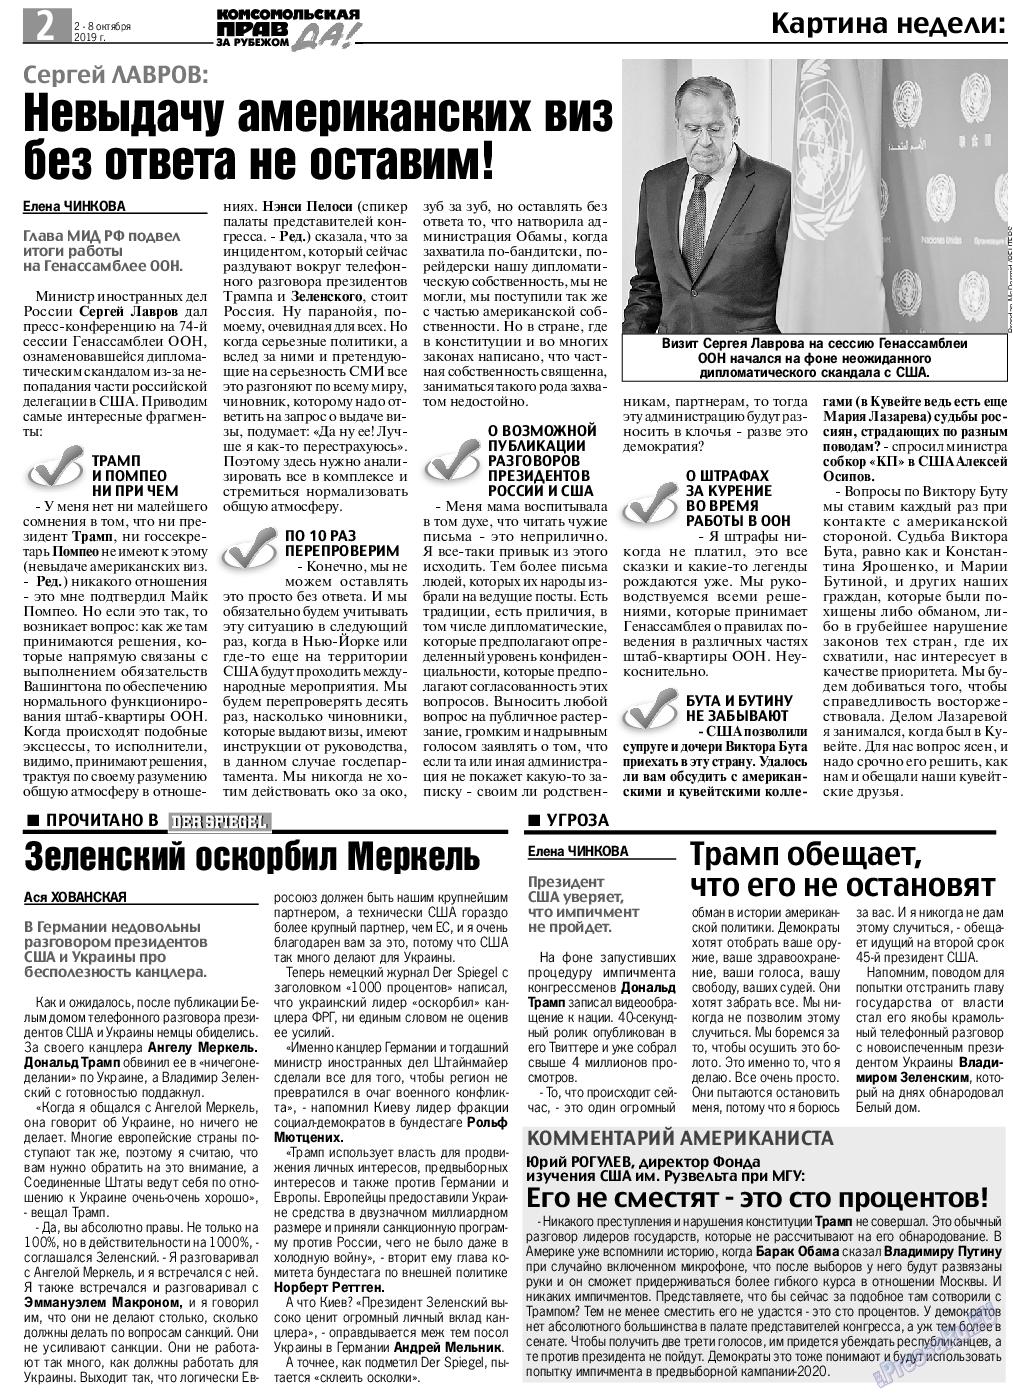 КП в Европе (газета). 2019 год, номер 40, стр. 2